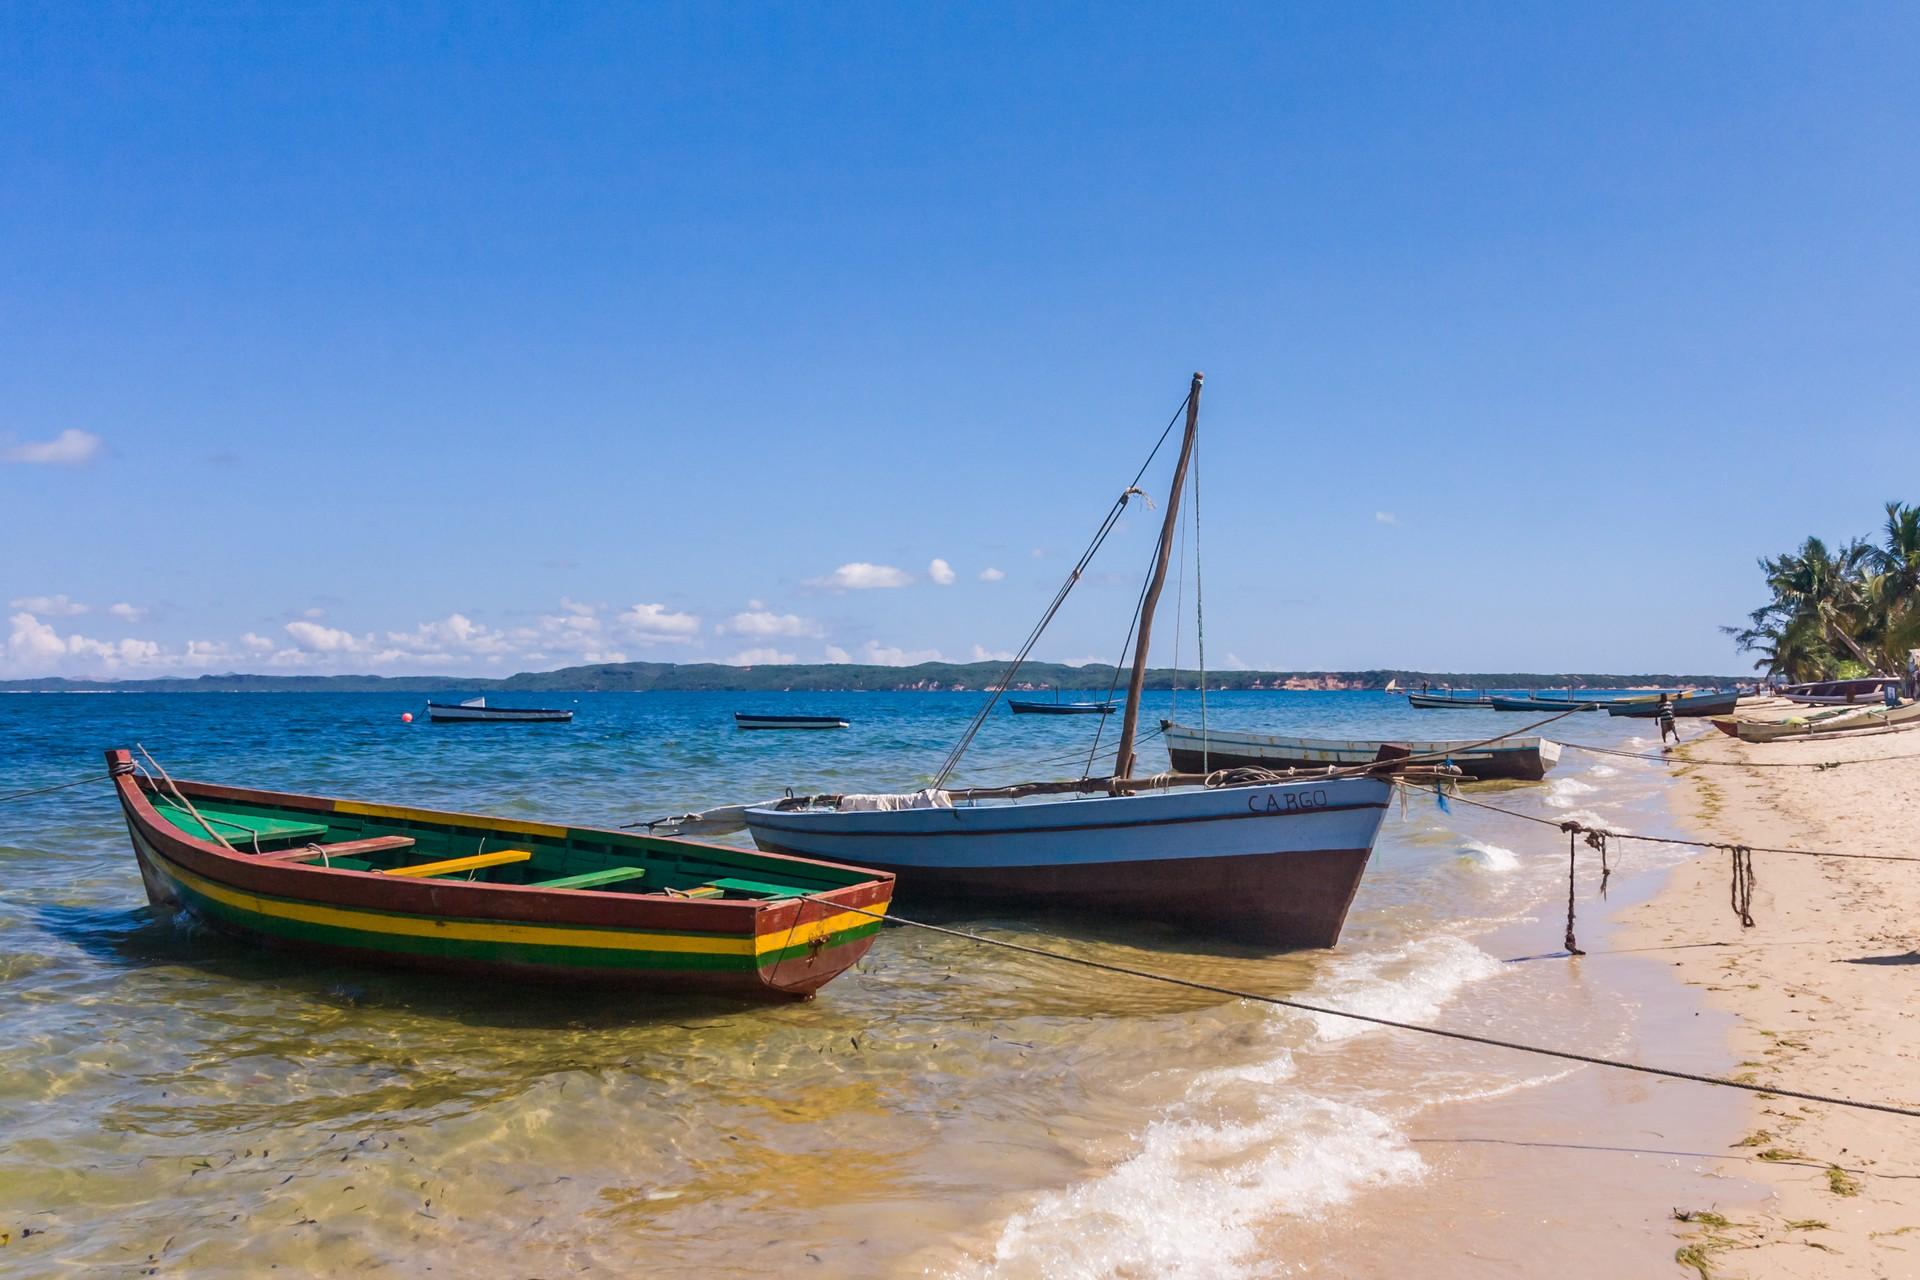 Boats floating on the shores of Antsiranana, Madagascar